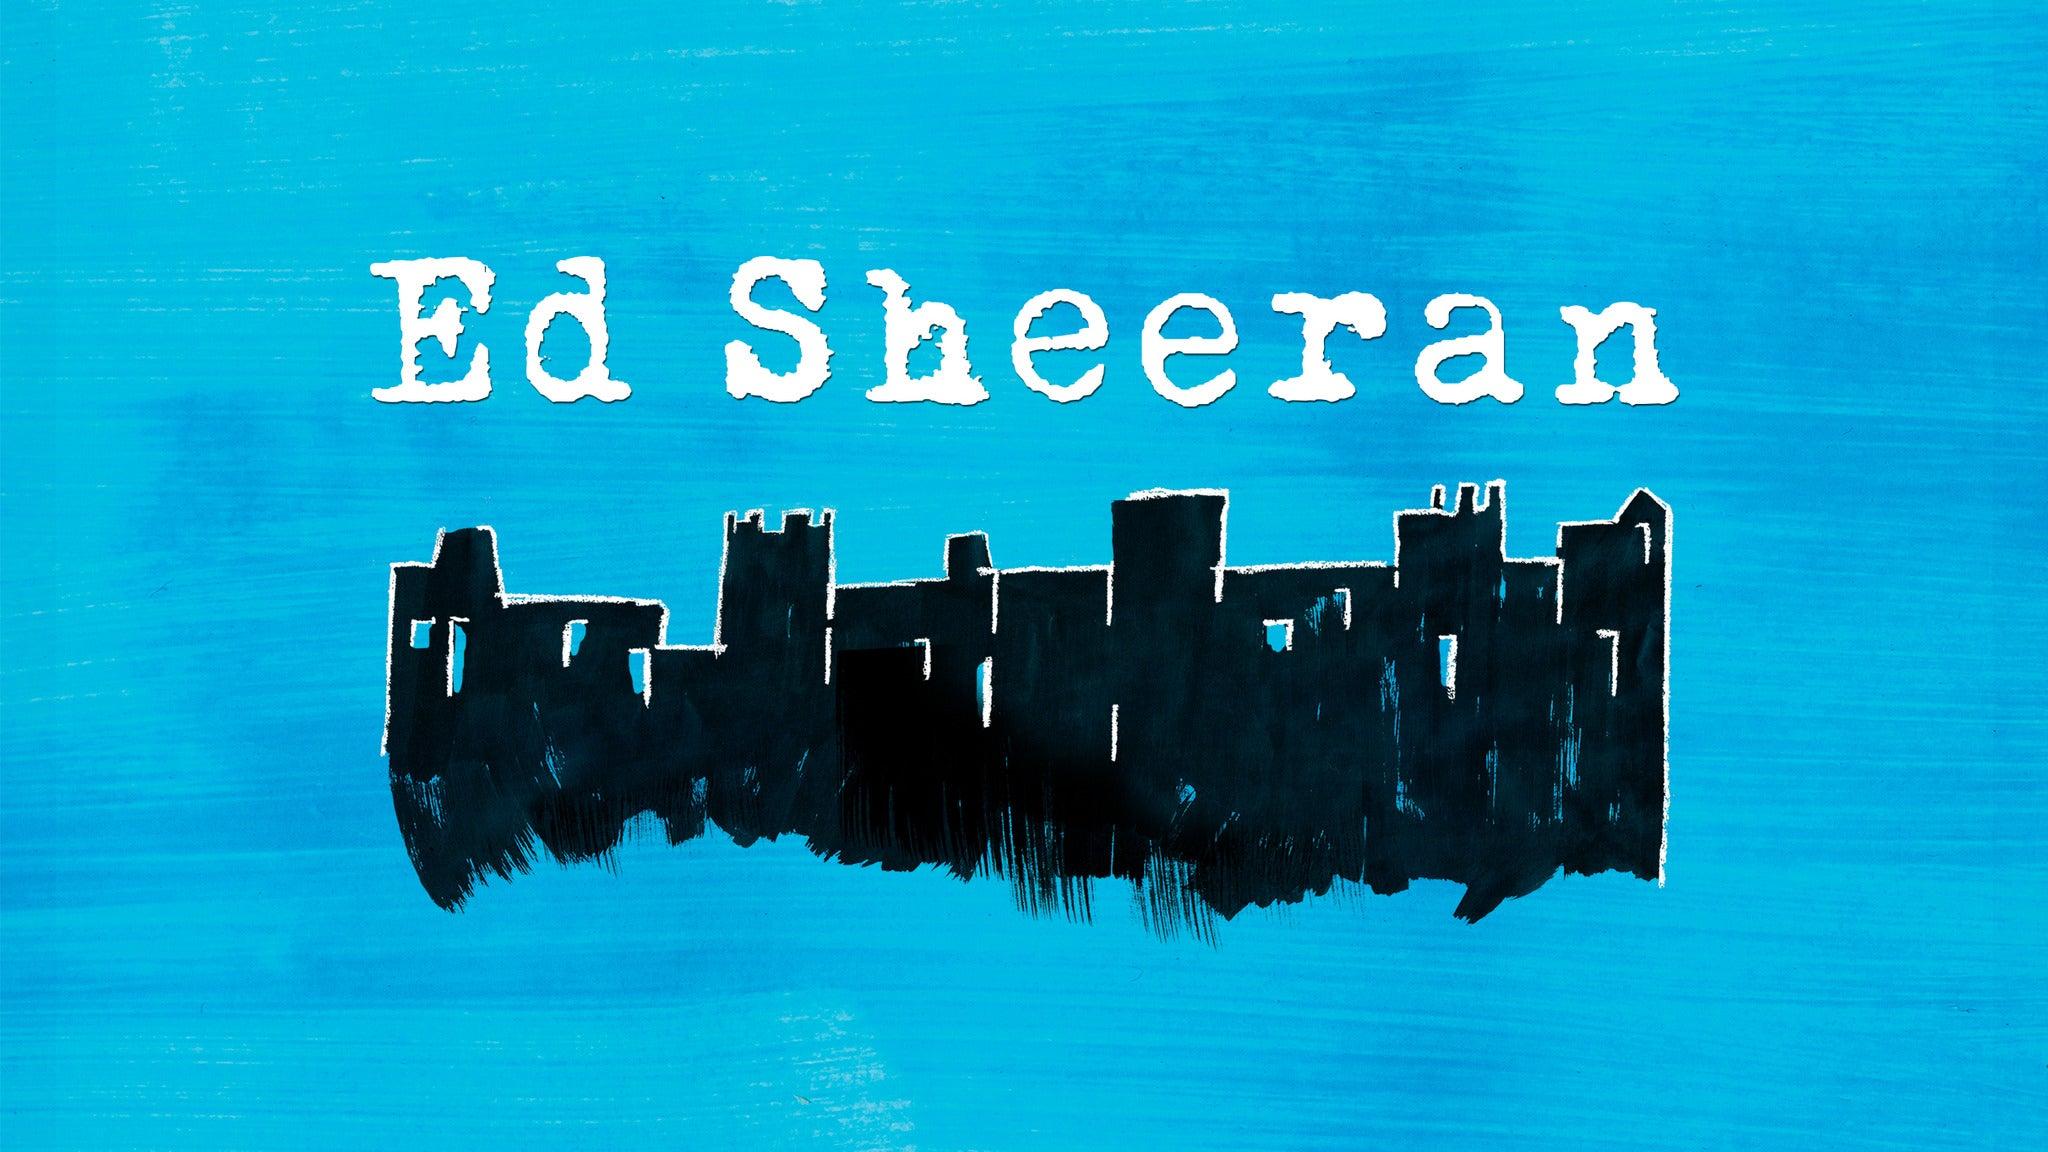 Ed Sheeran at PNC Arena